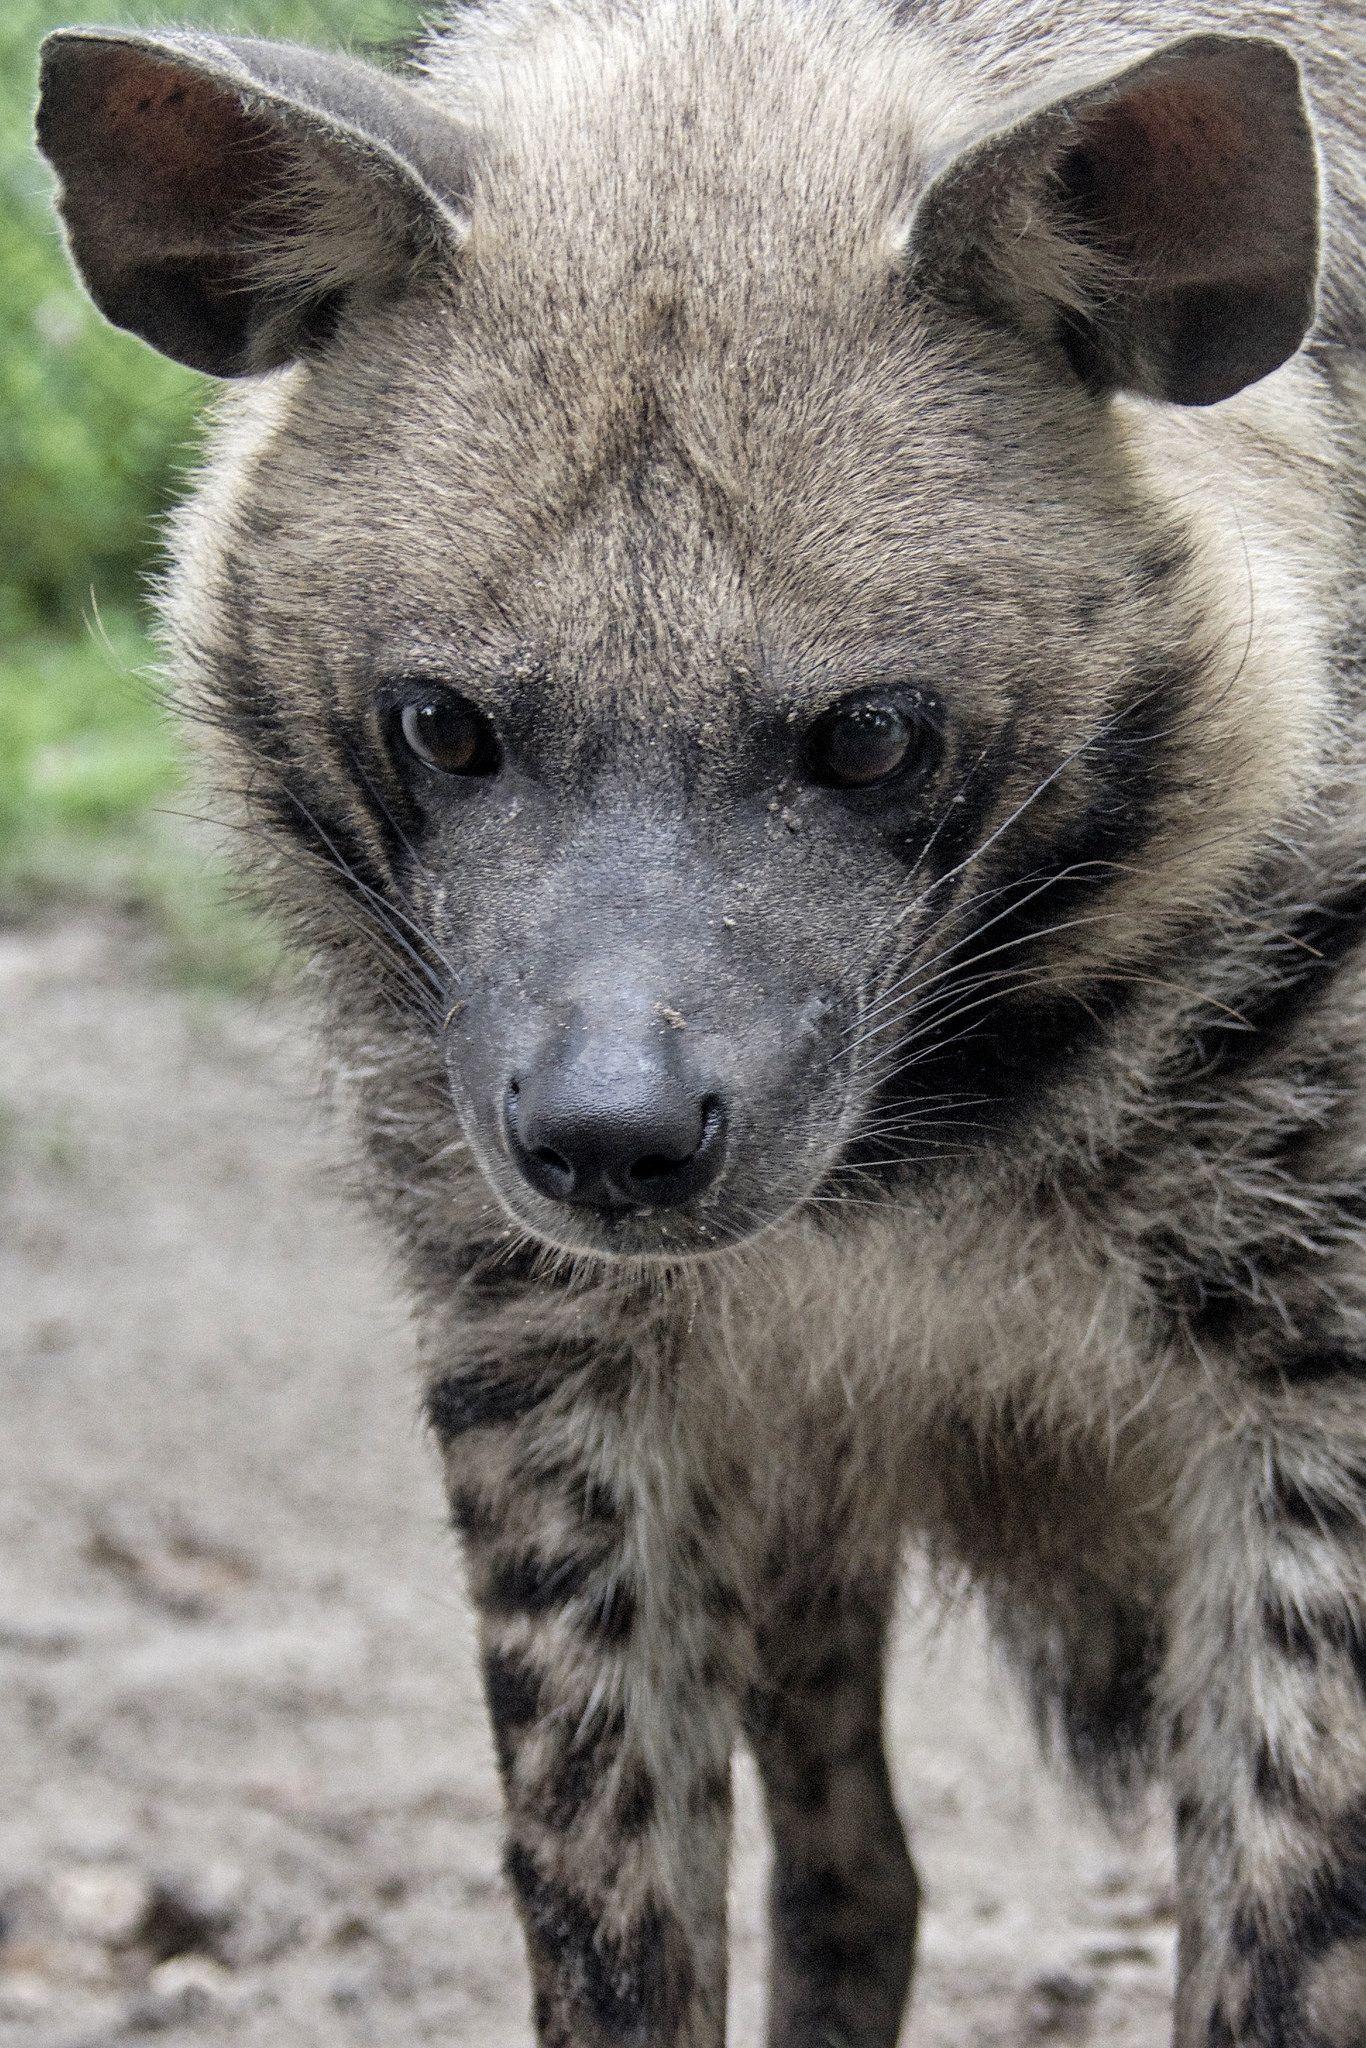 Striped hyena (Hyaena hyaena) Striped hyena, Hyena, Skunk